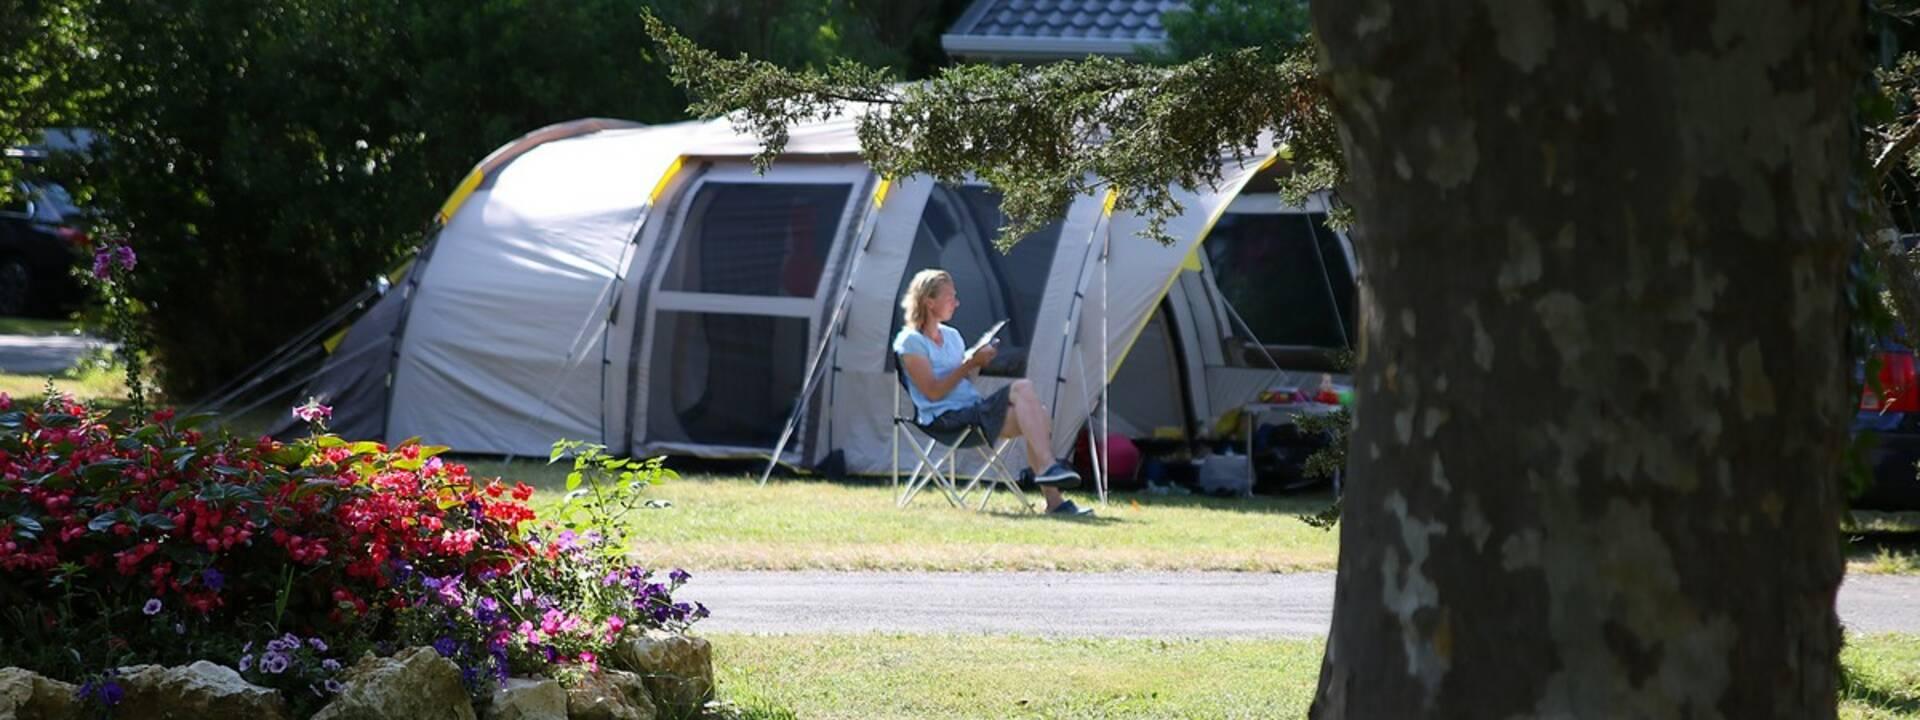 Toile de tente dans un camping - ©FDHPA 17 / PW Photographie